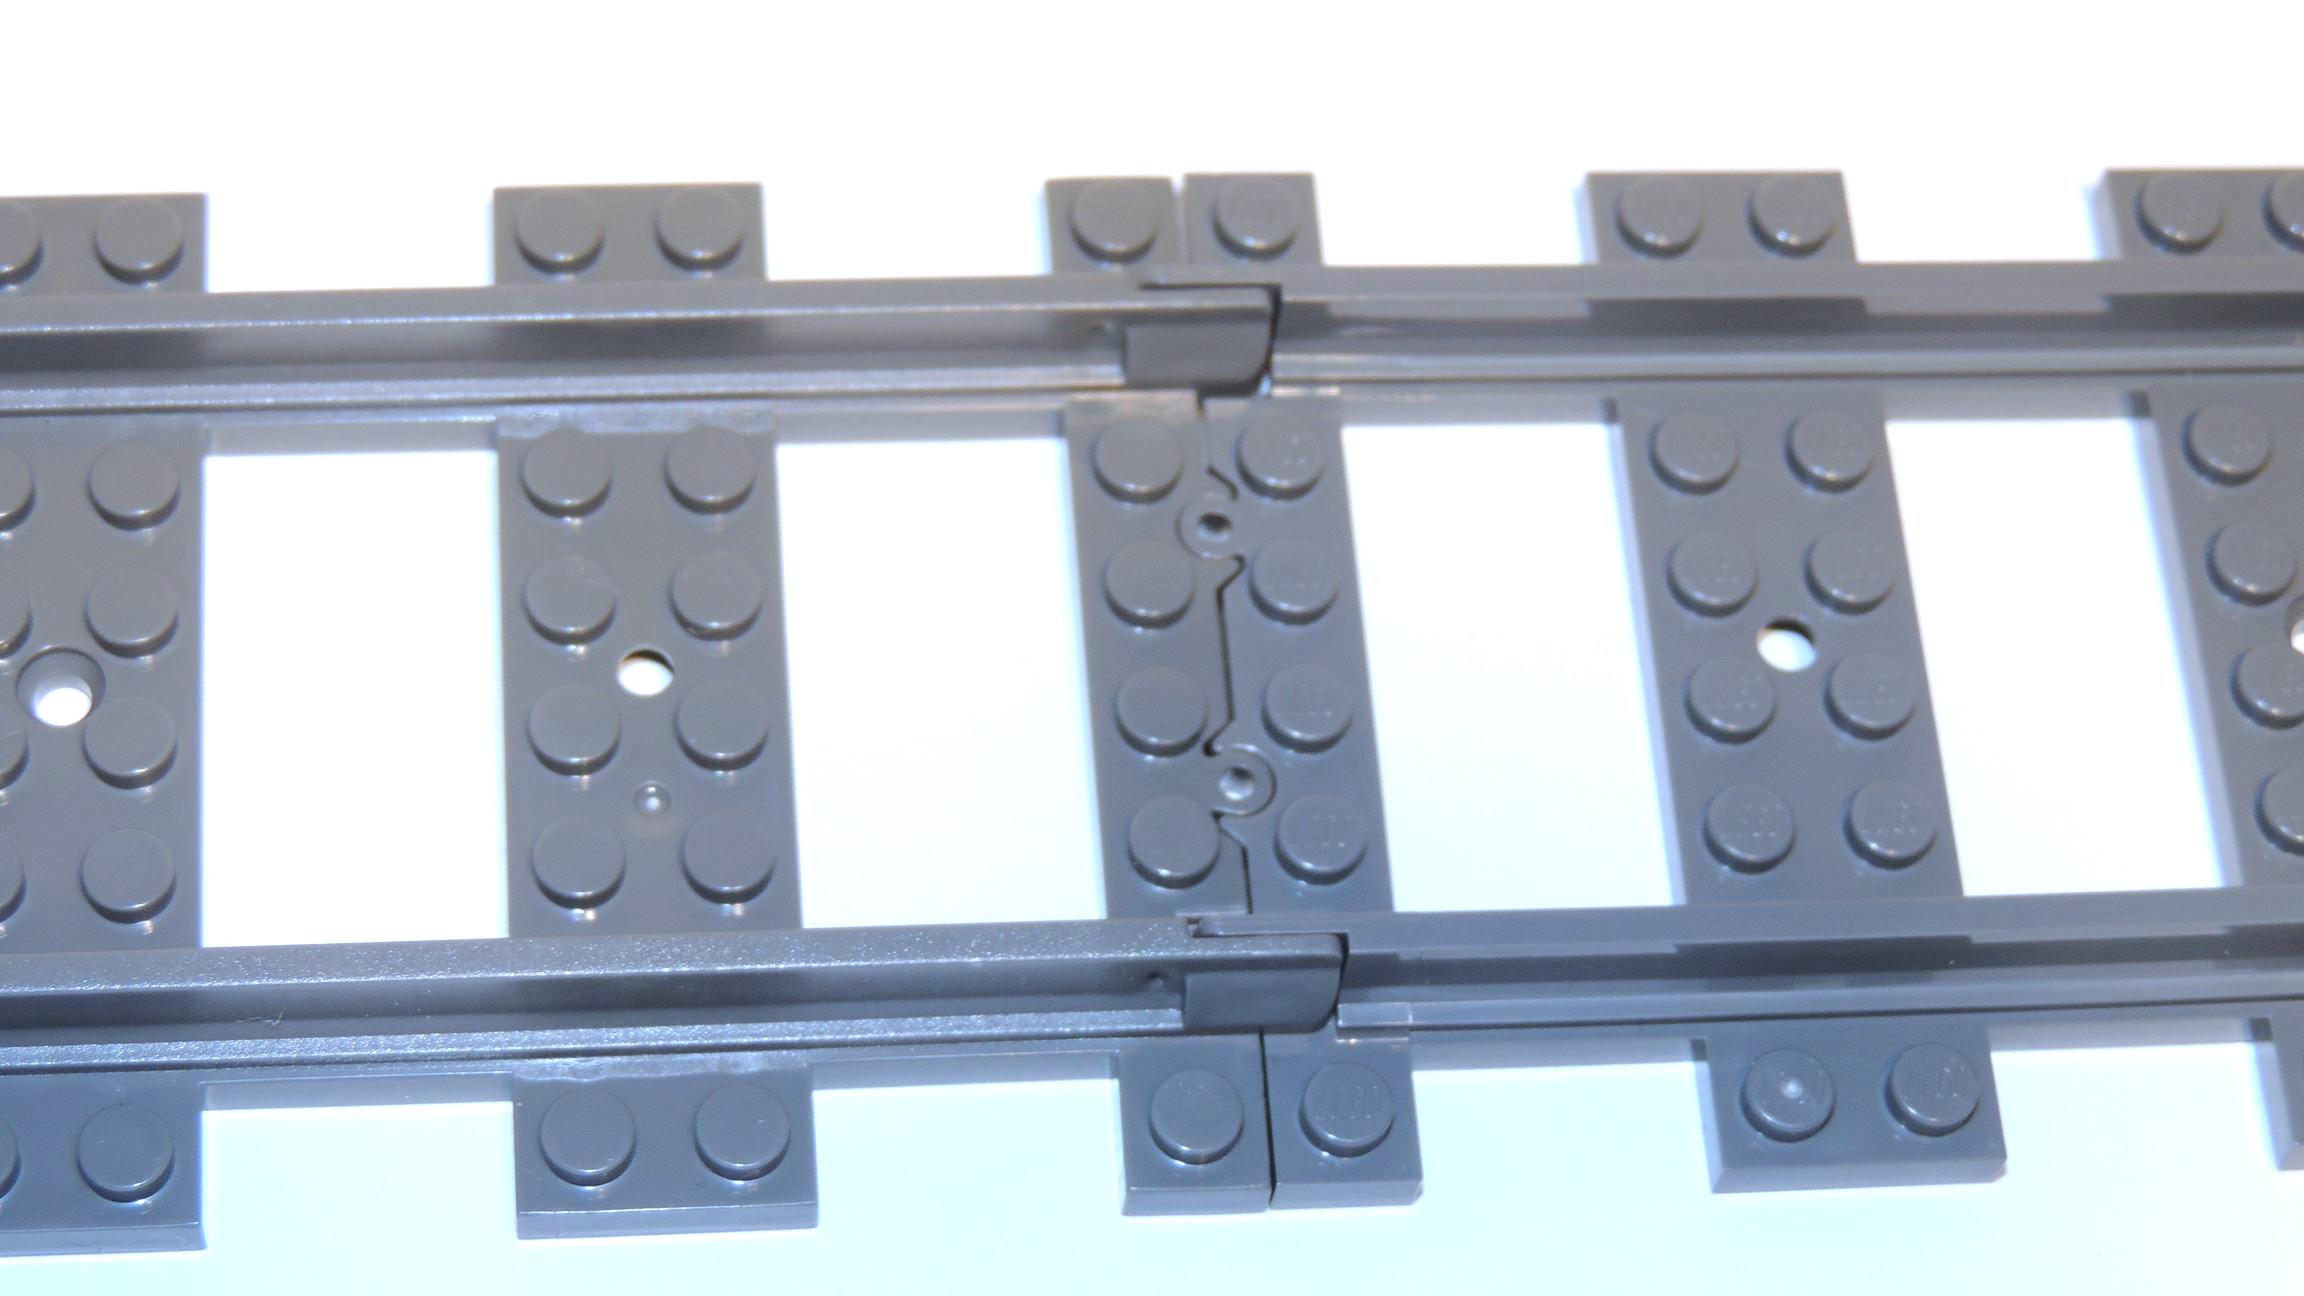 Steinchenshop: Rauere Oberfläche der Gleise, Lego dagegen absolut glatt.